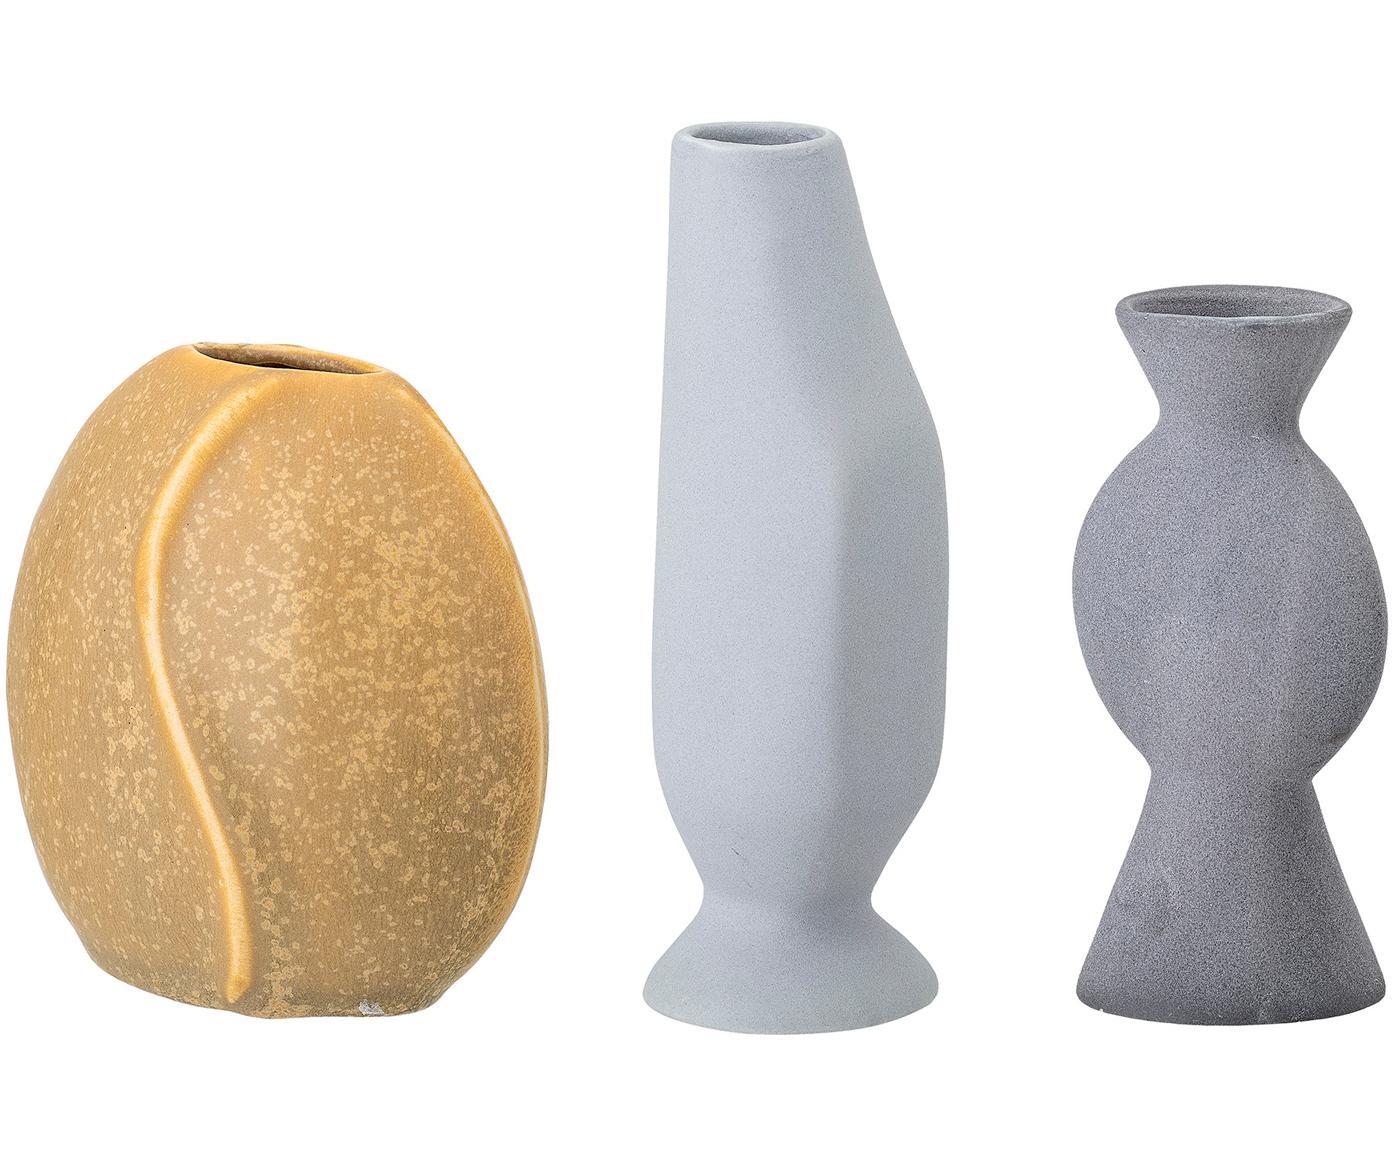 Kleine handgefertigtes Vasen-Set Lubava, 3-tlg., Steingut, Gelb, Hellgrau, Grau, Verschiedene Grössen